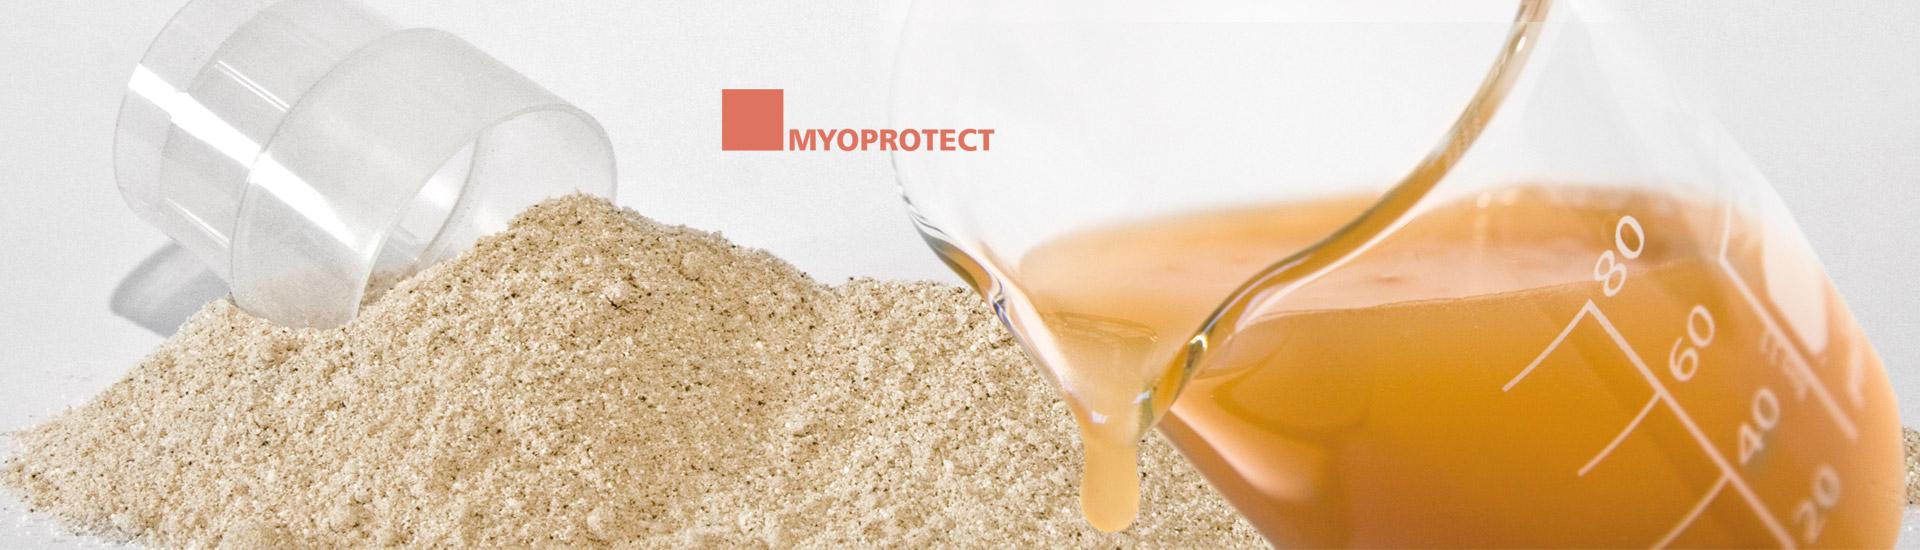 equinova-myoprotect